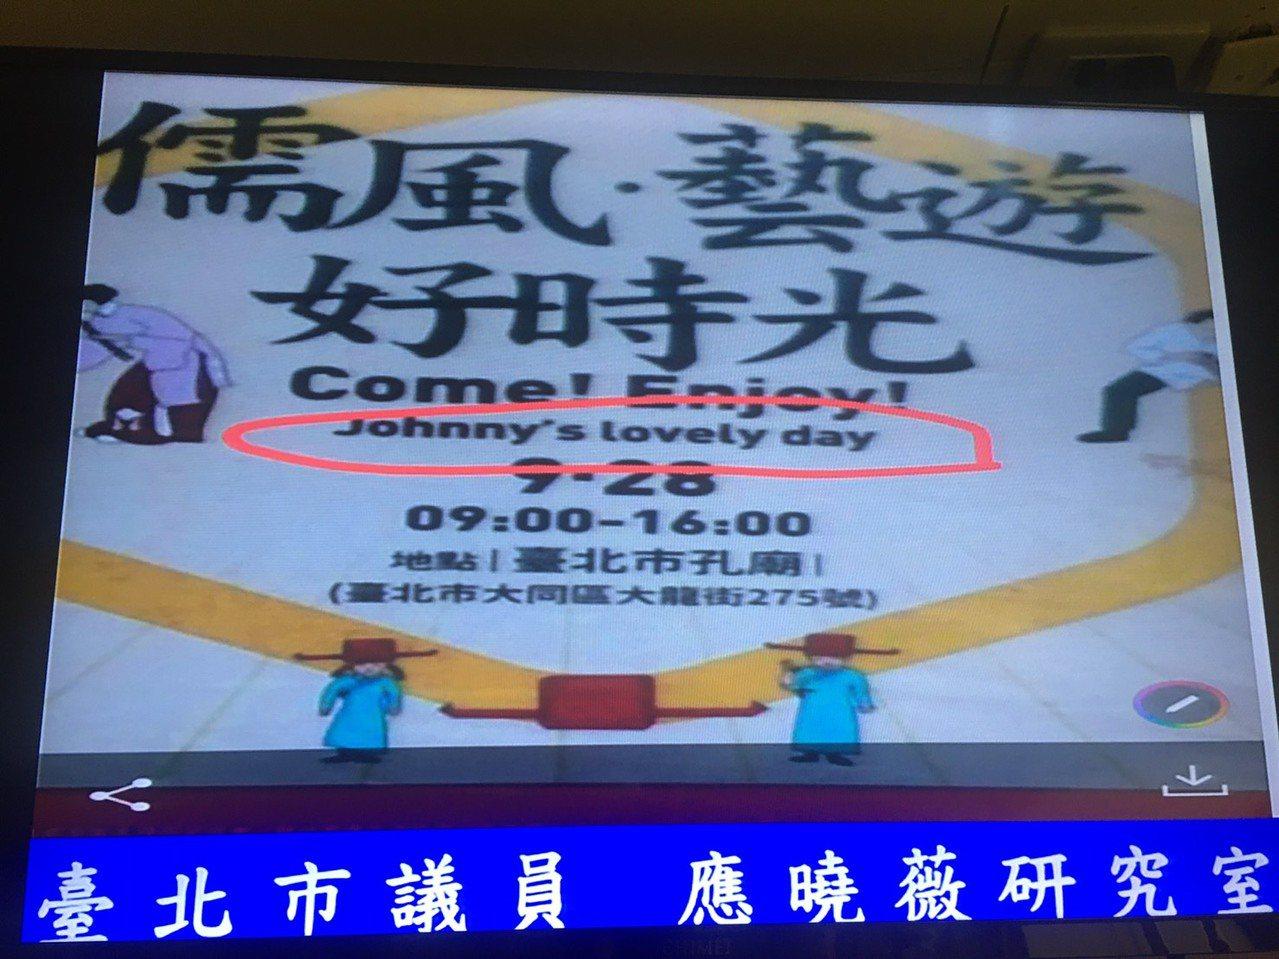 市議員應曉薇亮出一張海報,市府舉辦的孔子誕辰活動竟把孔子英文姓名改名為「John...